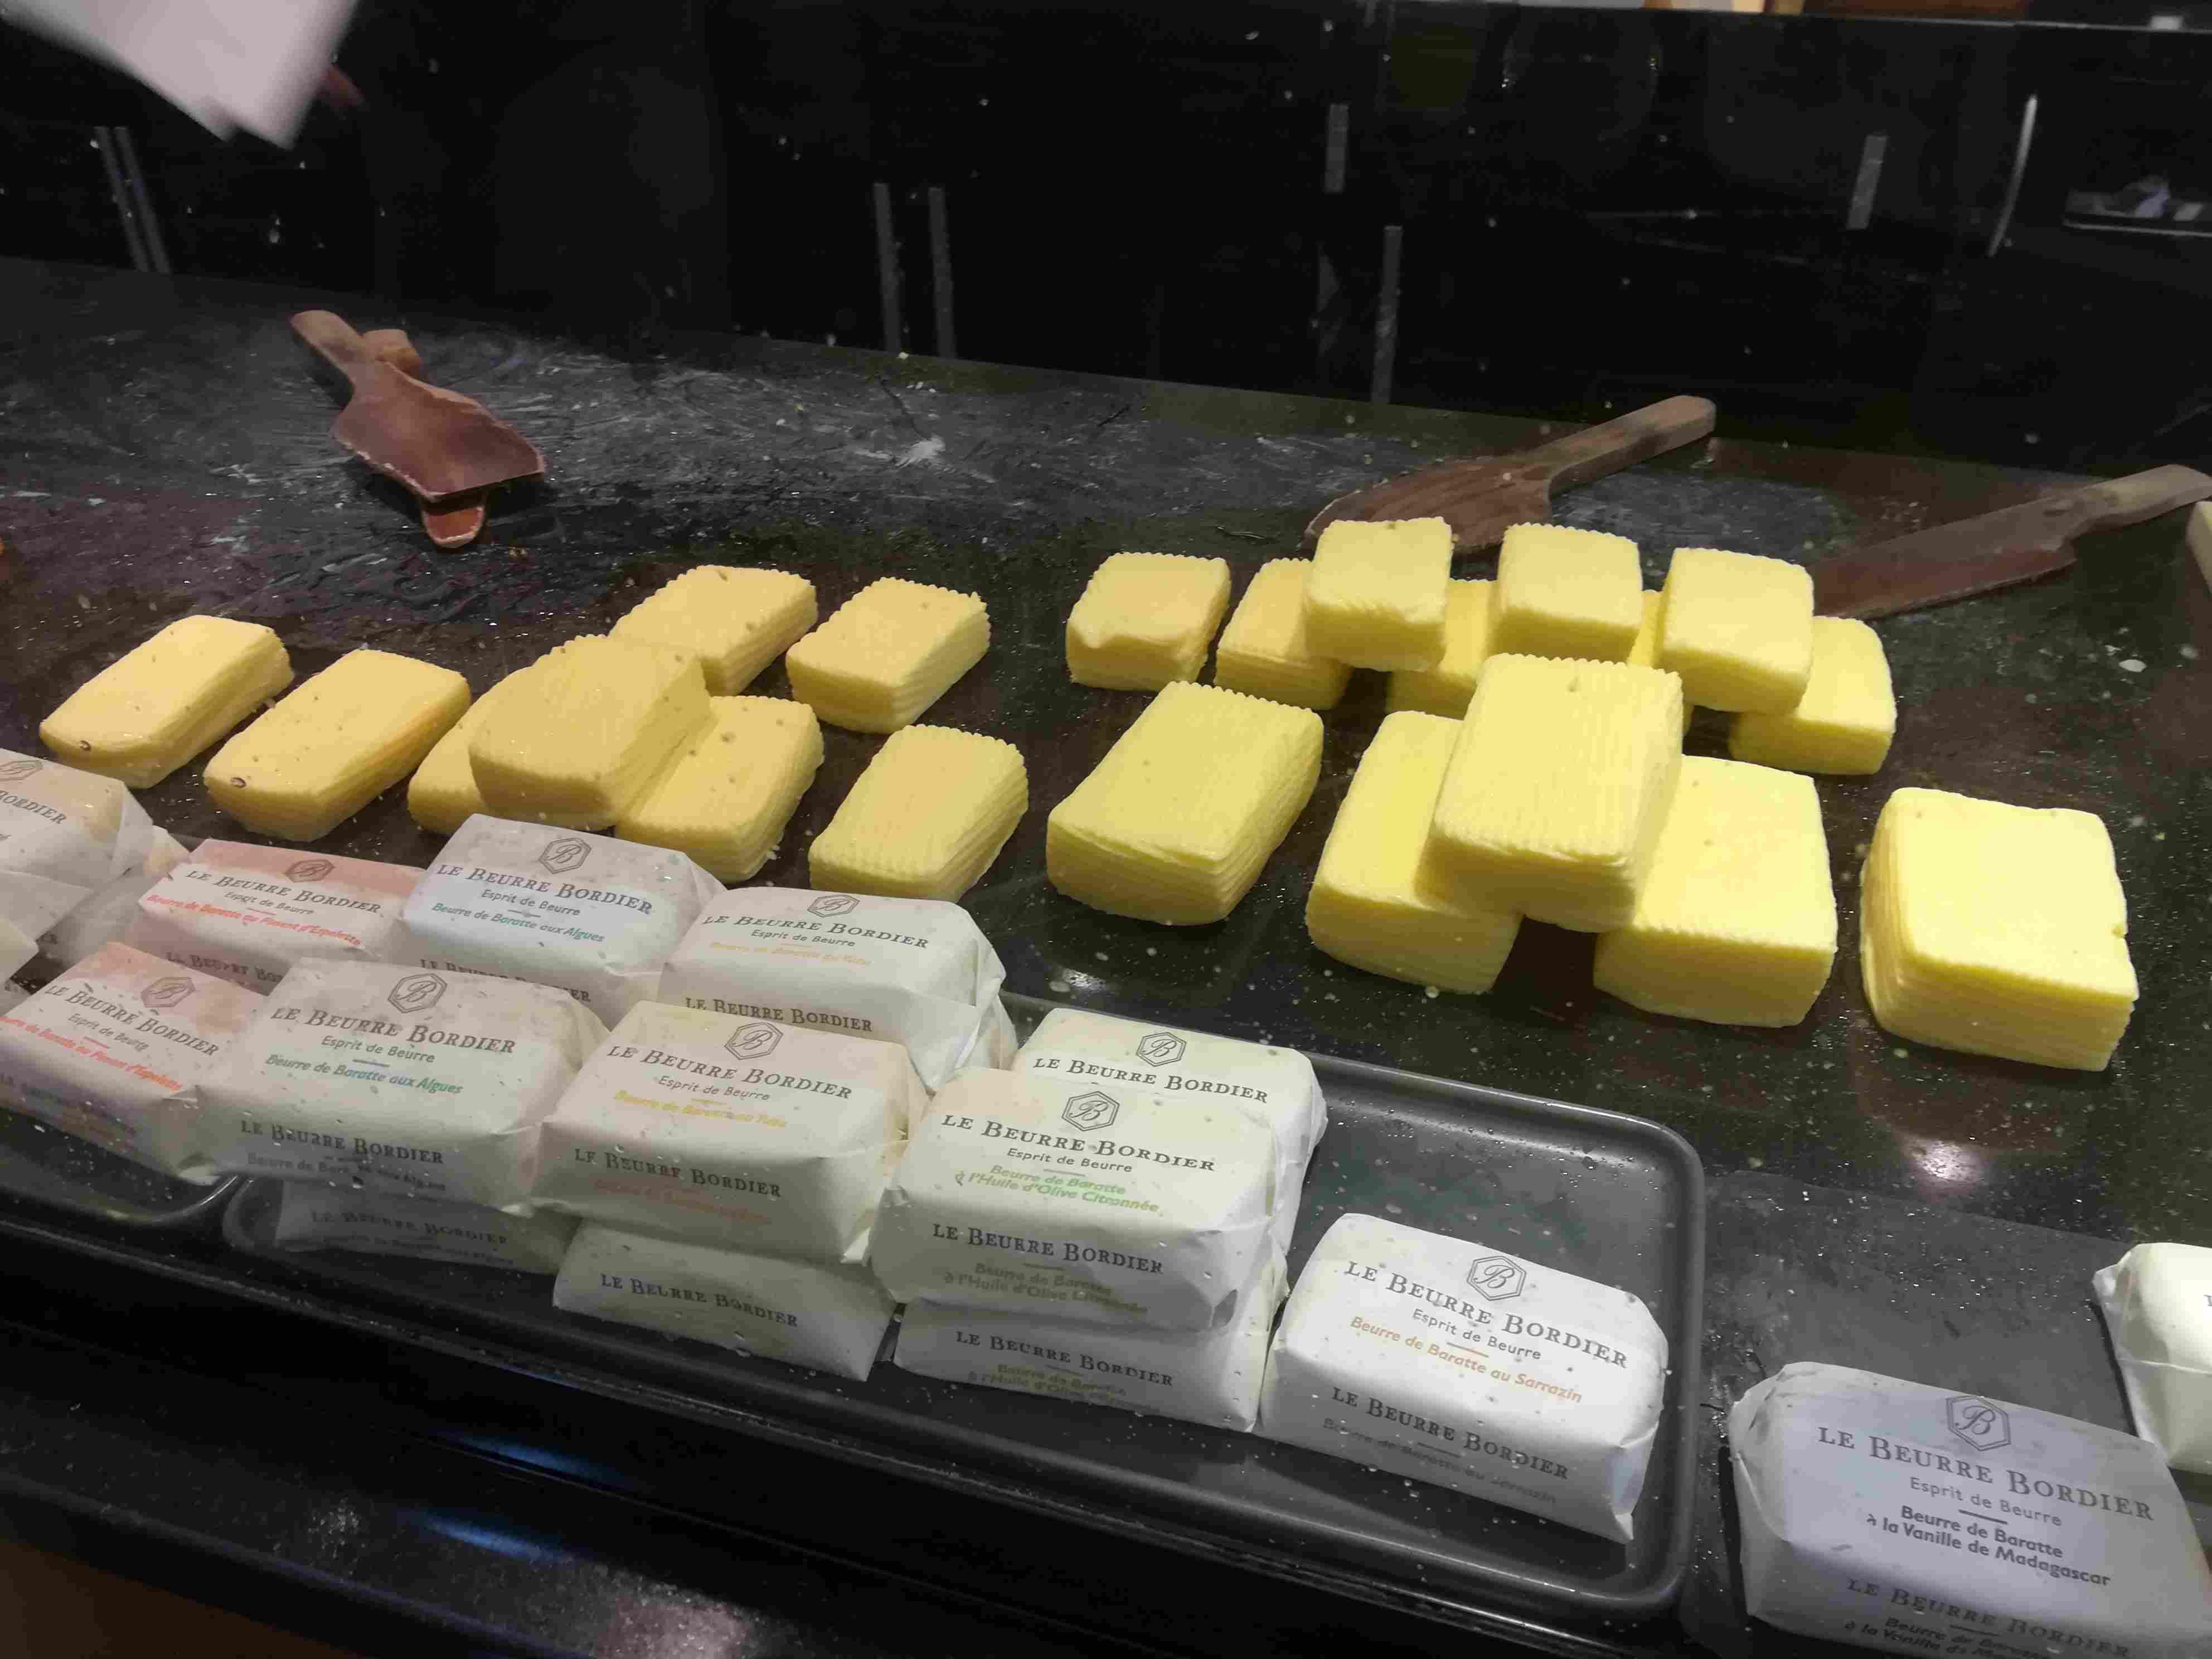 フランス産】最高な口どけのボルディエバターは日本でも味わえる!